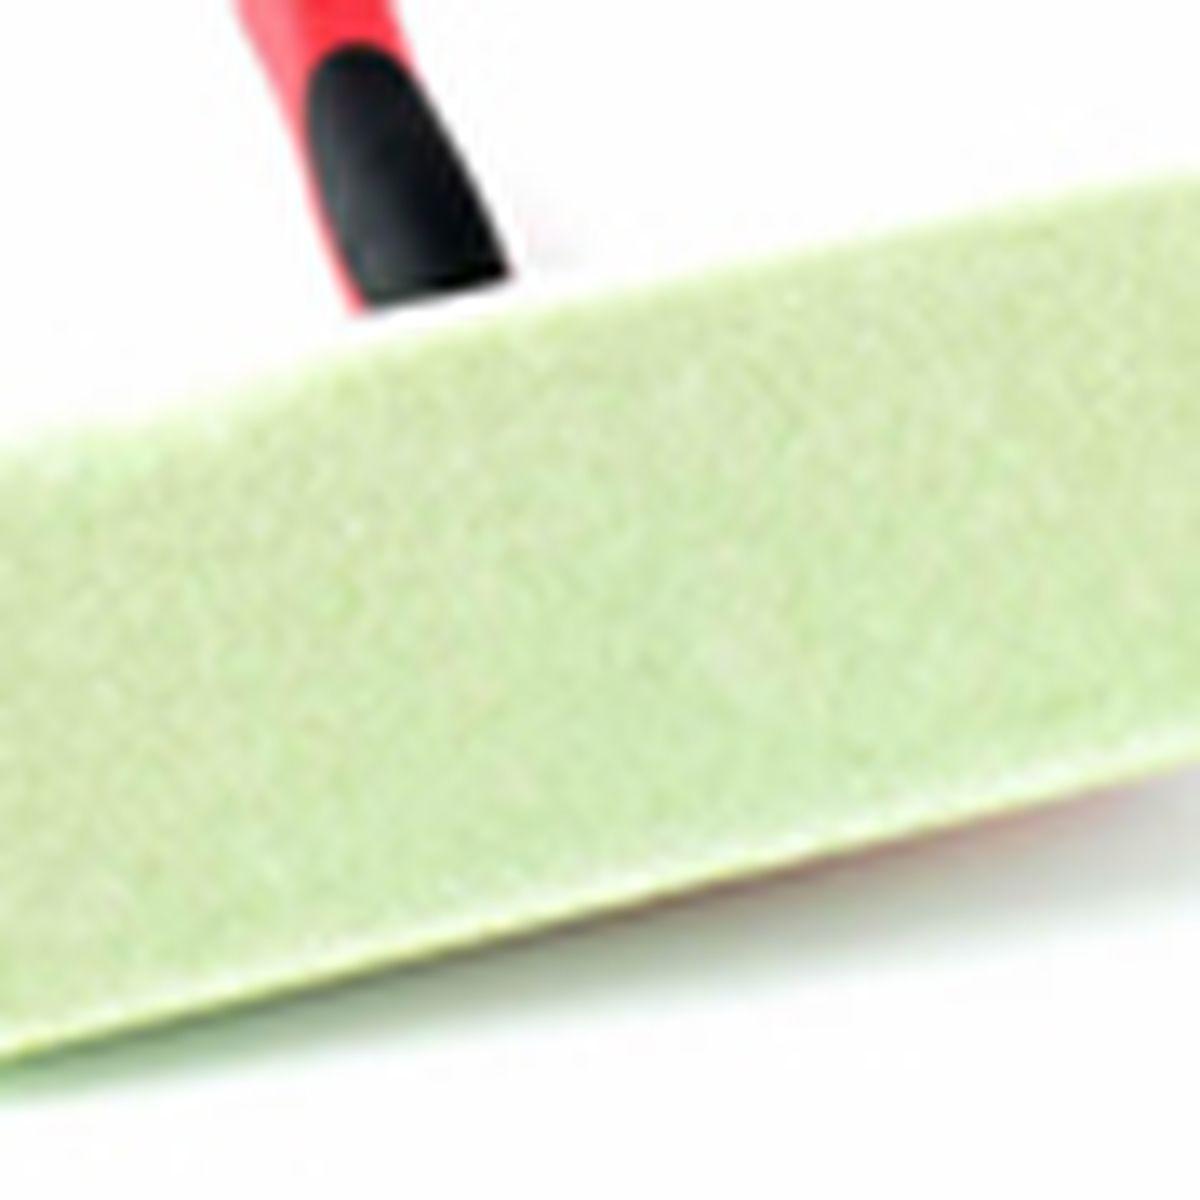 long-handled sponge applicator